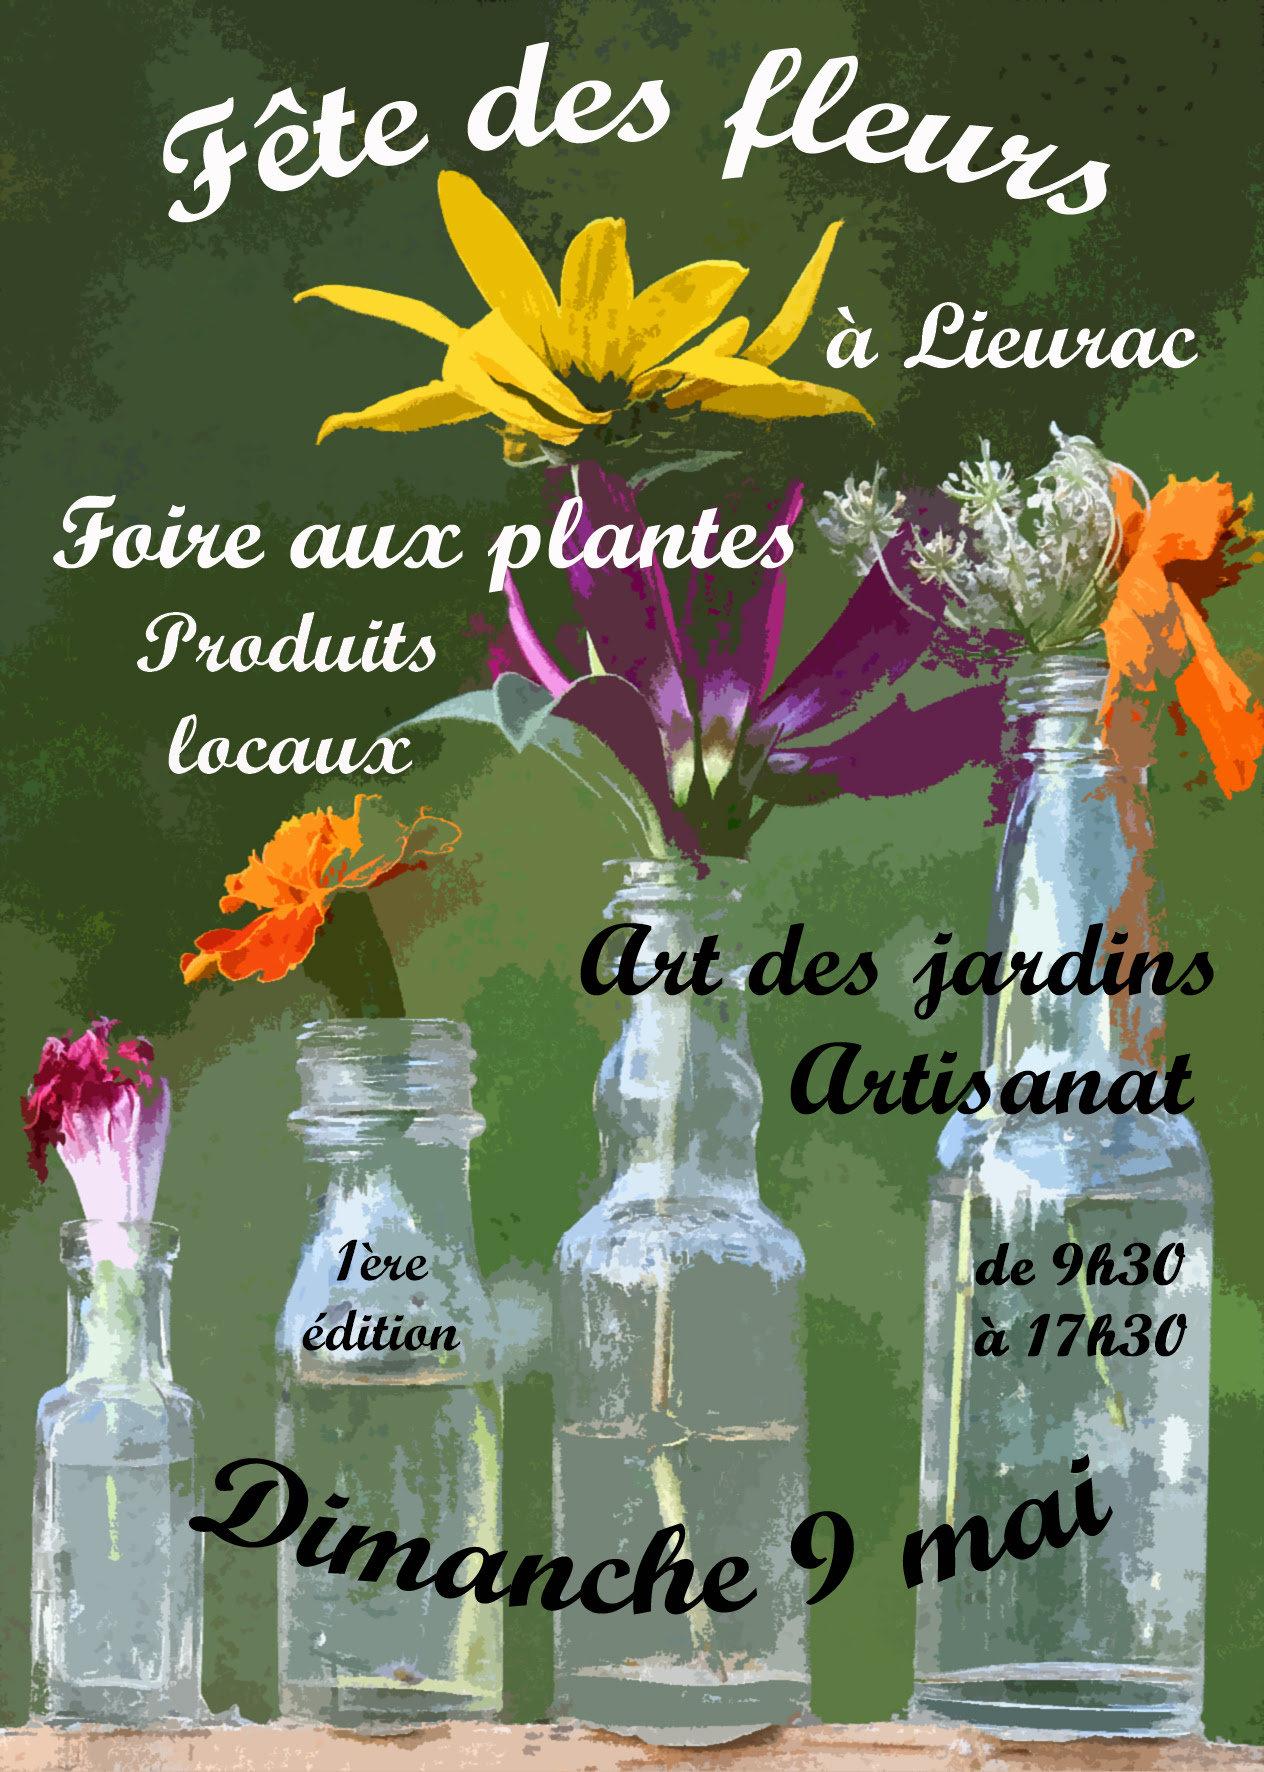 Foire aux plantes à Lieurac - Dimanche 9 Mai dans Art 210427030024646393